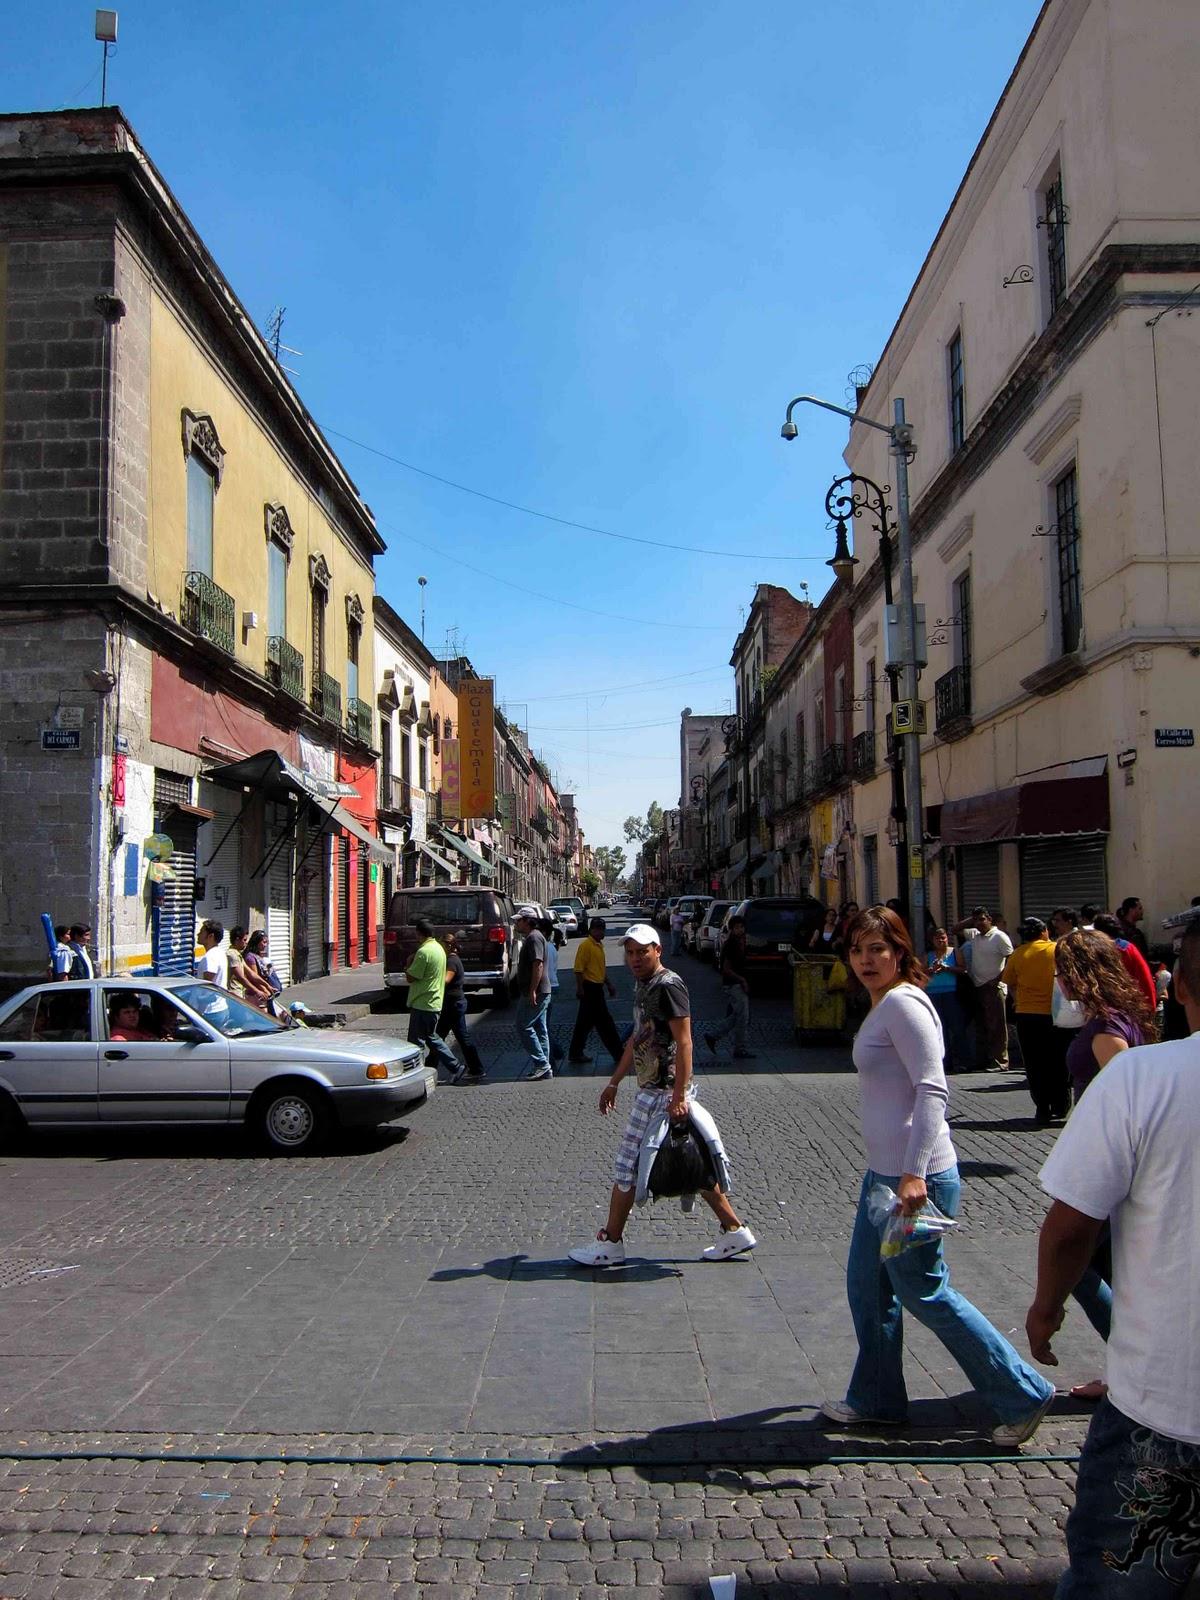 http://4.bp.blogspot.com/_gXcOeYUplUY/TMn3WKK4z1I/AAAAAAAAAEA/DGe5RejVarM/s1600/City+2.jpg